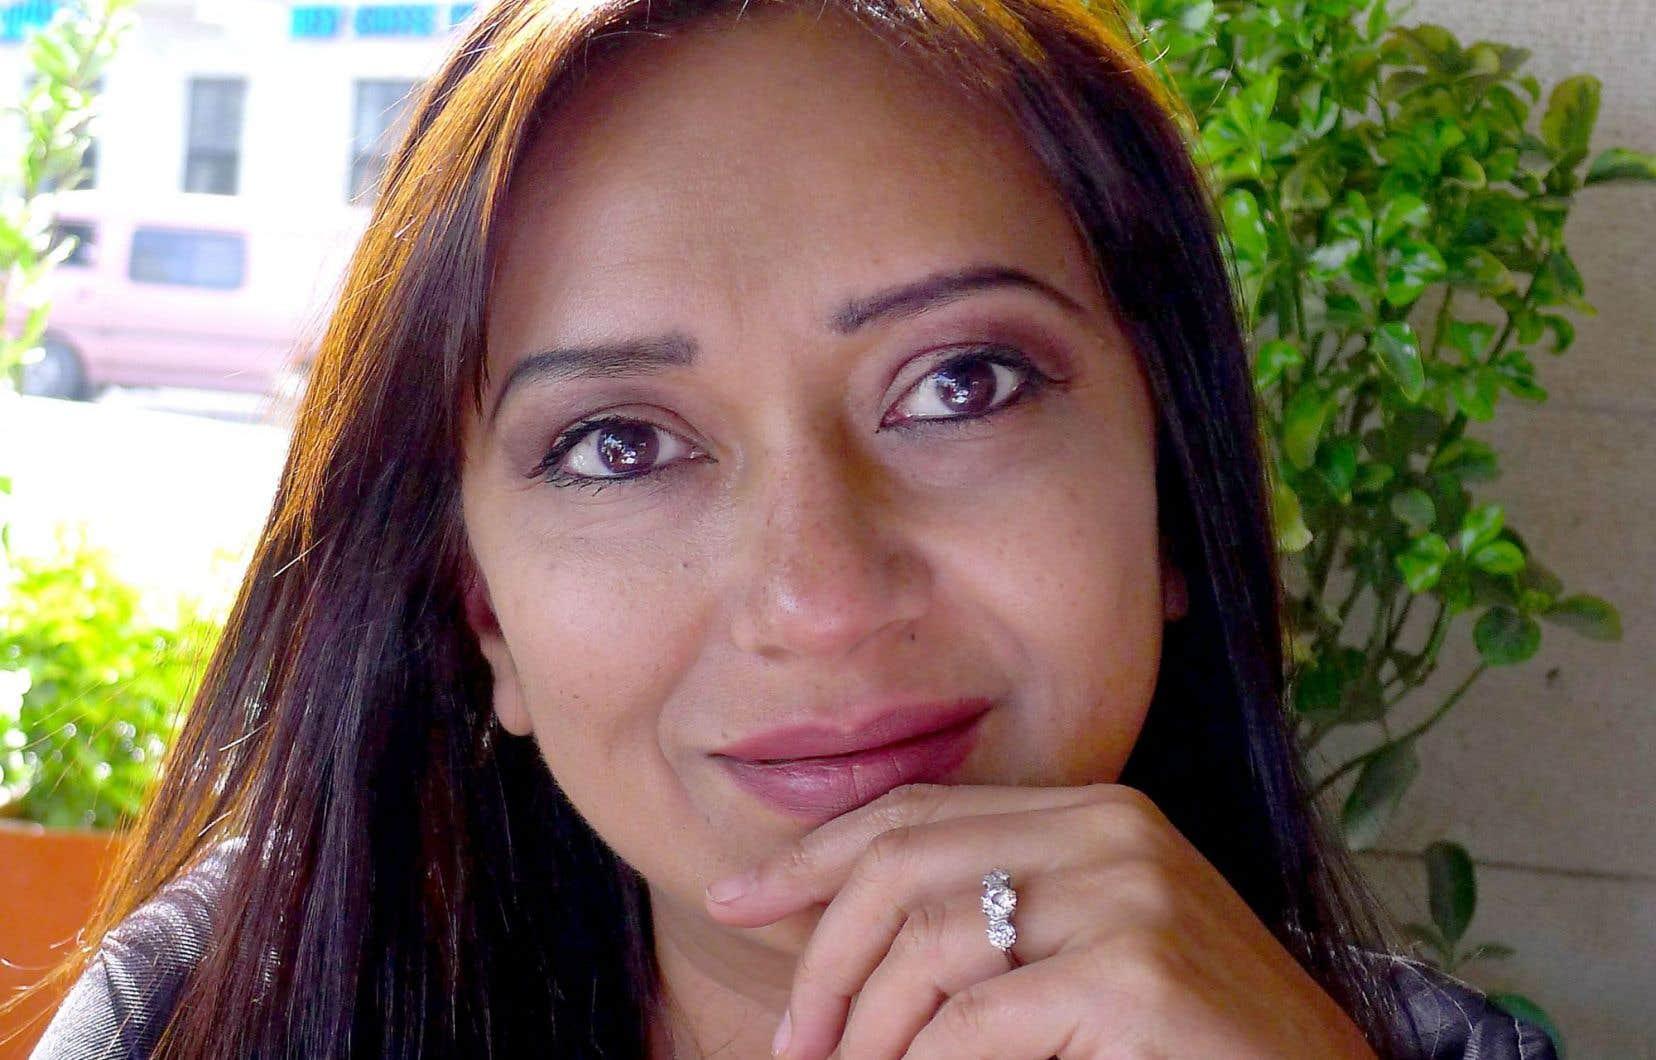 La journaliste turque Amberin Zaman était de passage à Montréal lundi pour participer à un colloque sur la liberté de la presse.